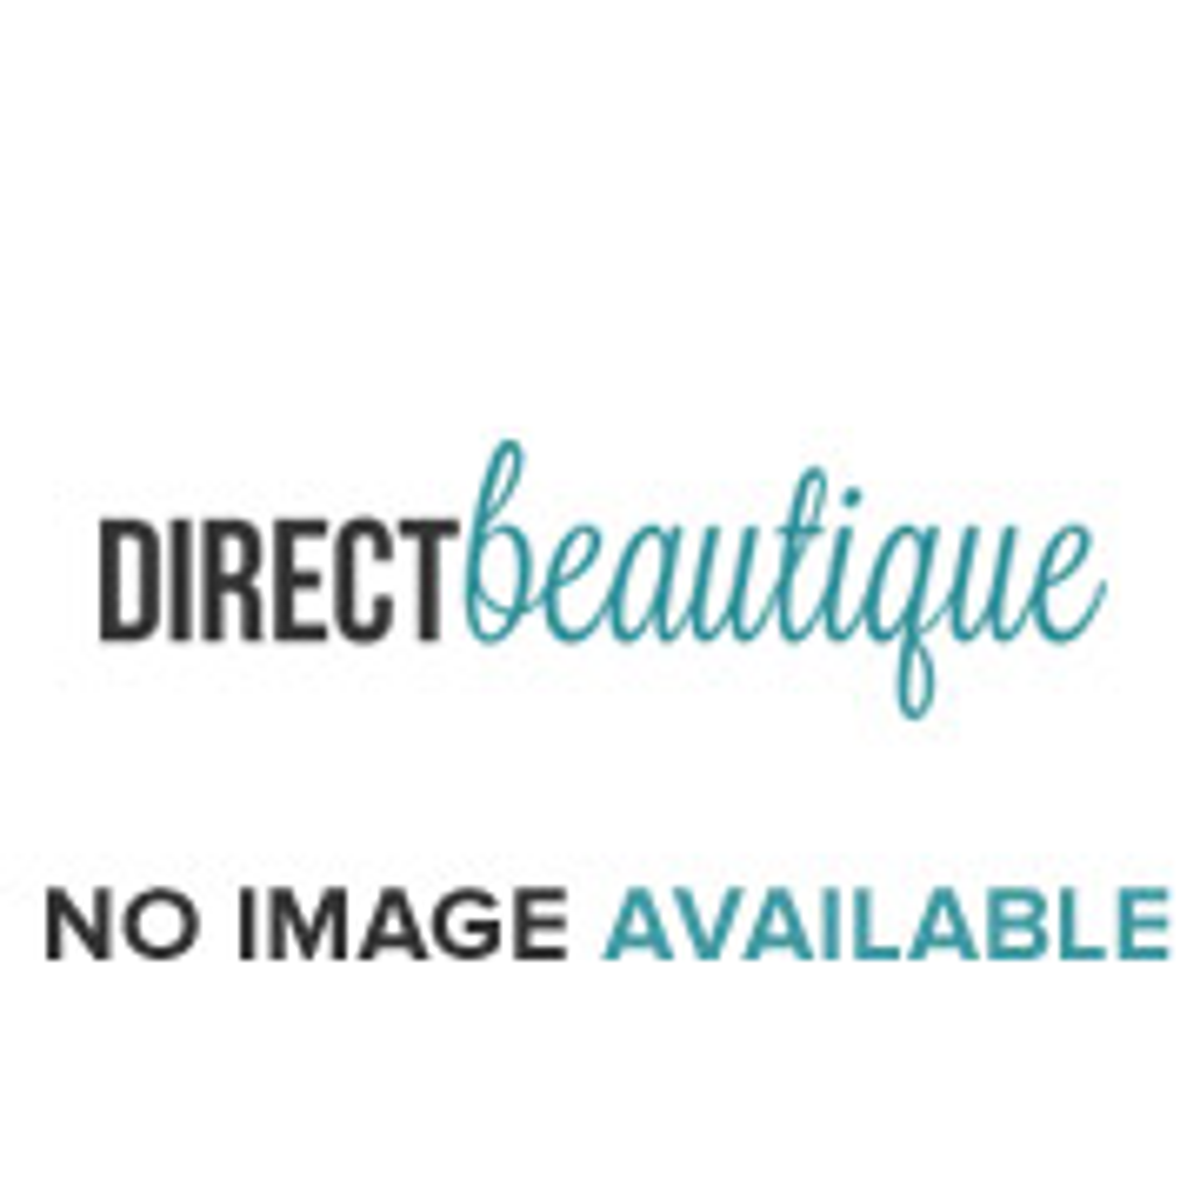 Clarins Hydra-Essentiel Silky Cream SPF15 Normal to Dry Skin 50ml